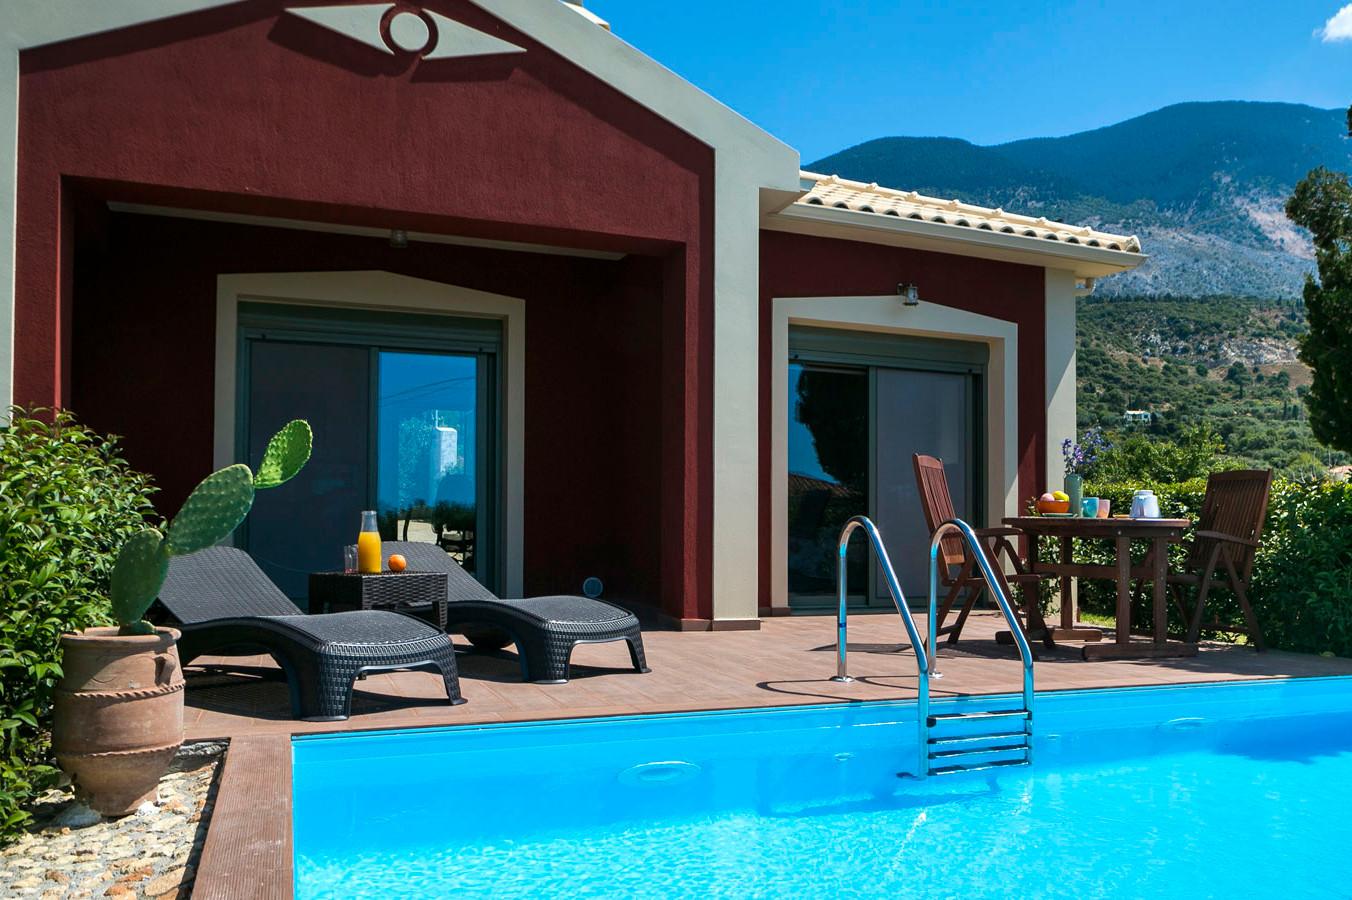 Kefalonia villas with pool: 2 bedroom villa with pool